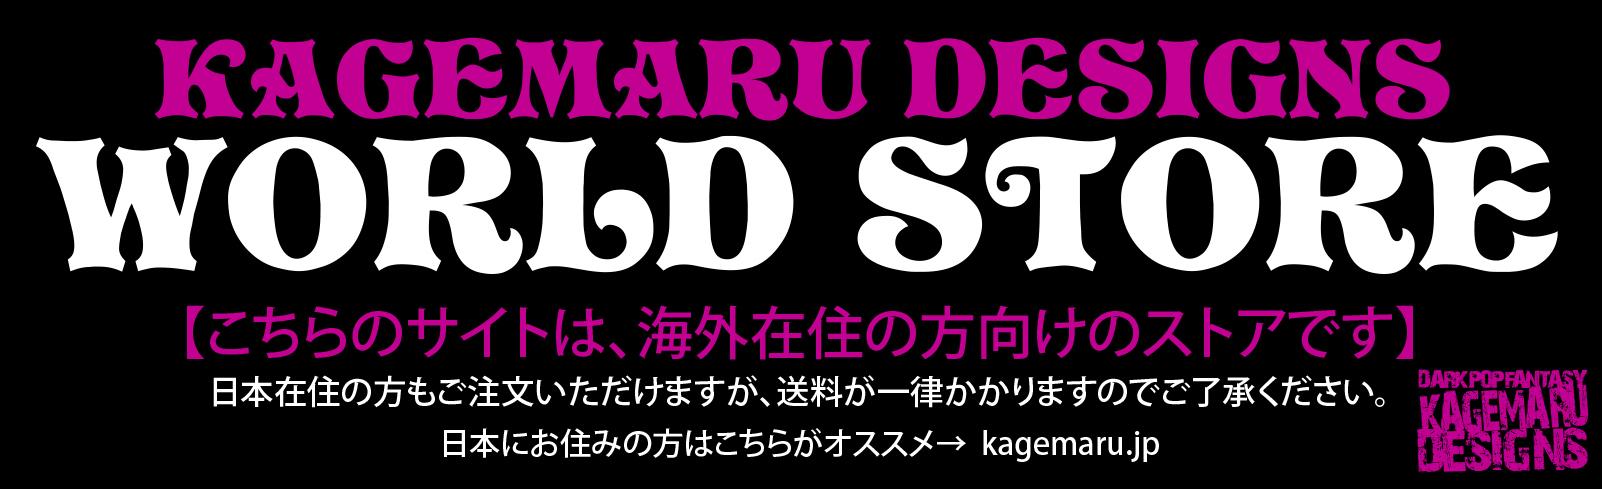 KD Online/WORLD Store(海外向け)